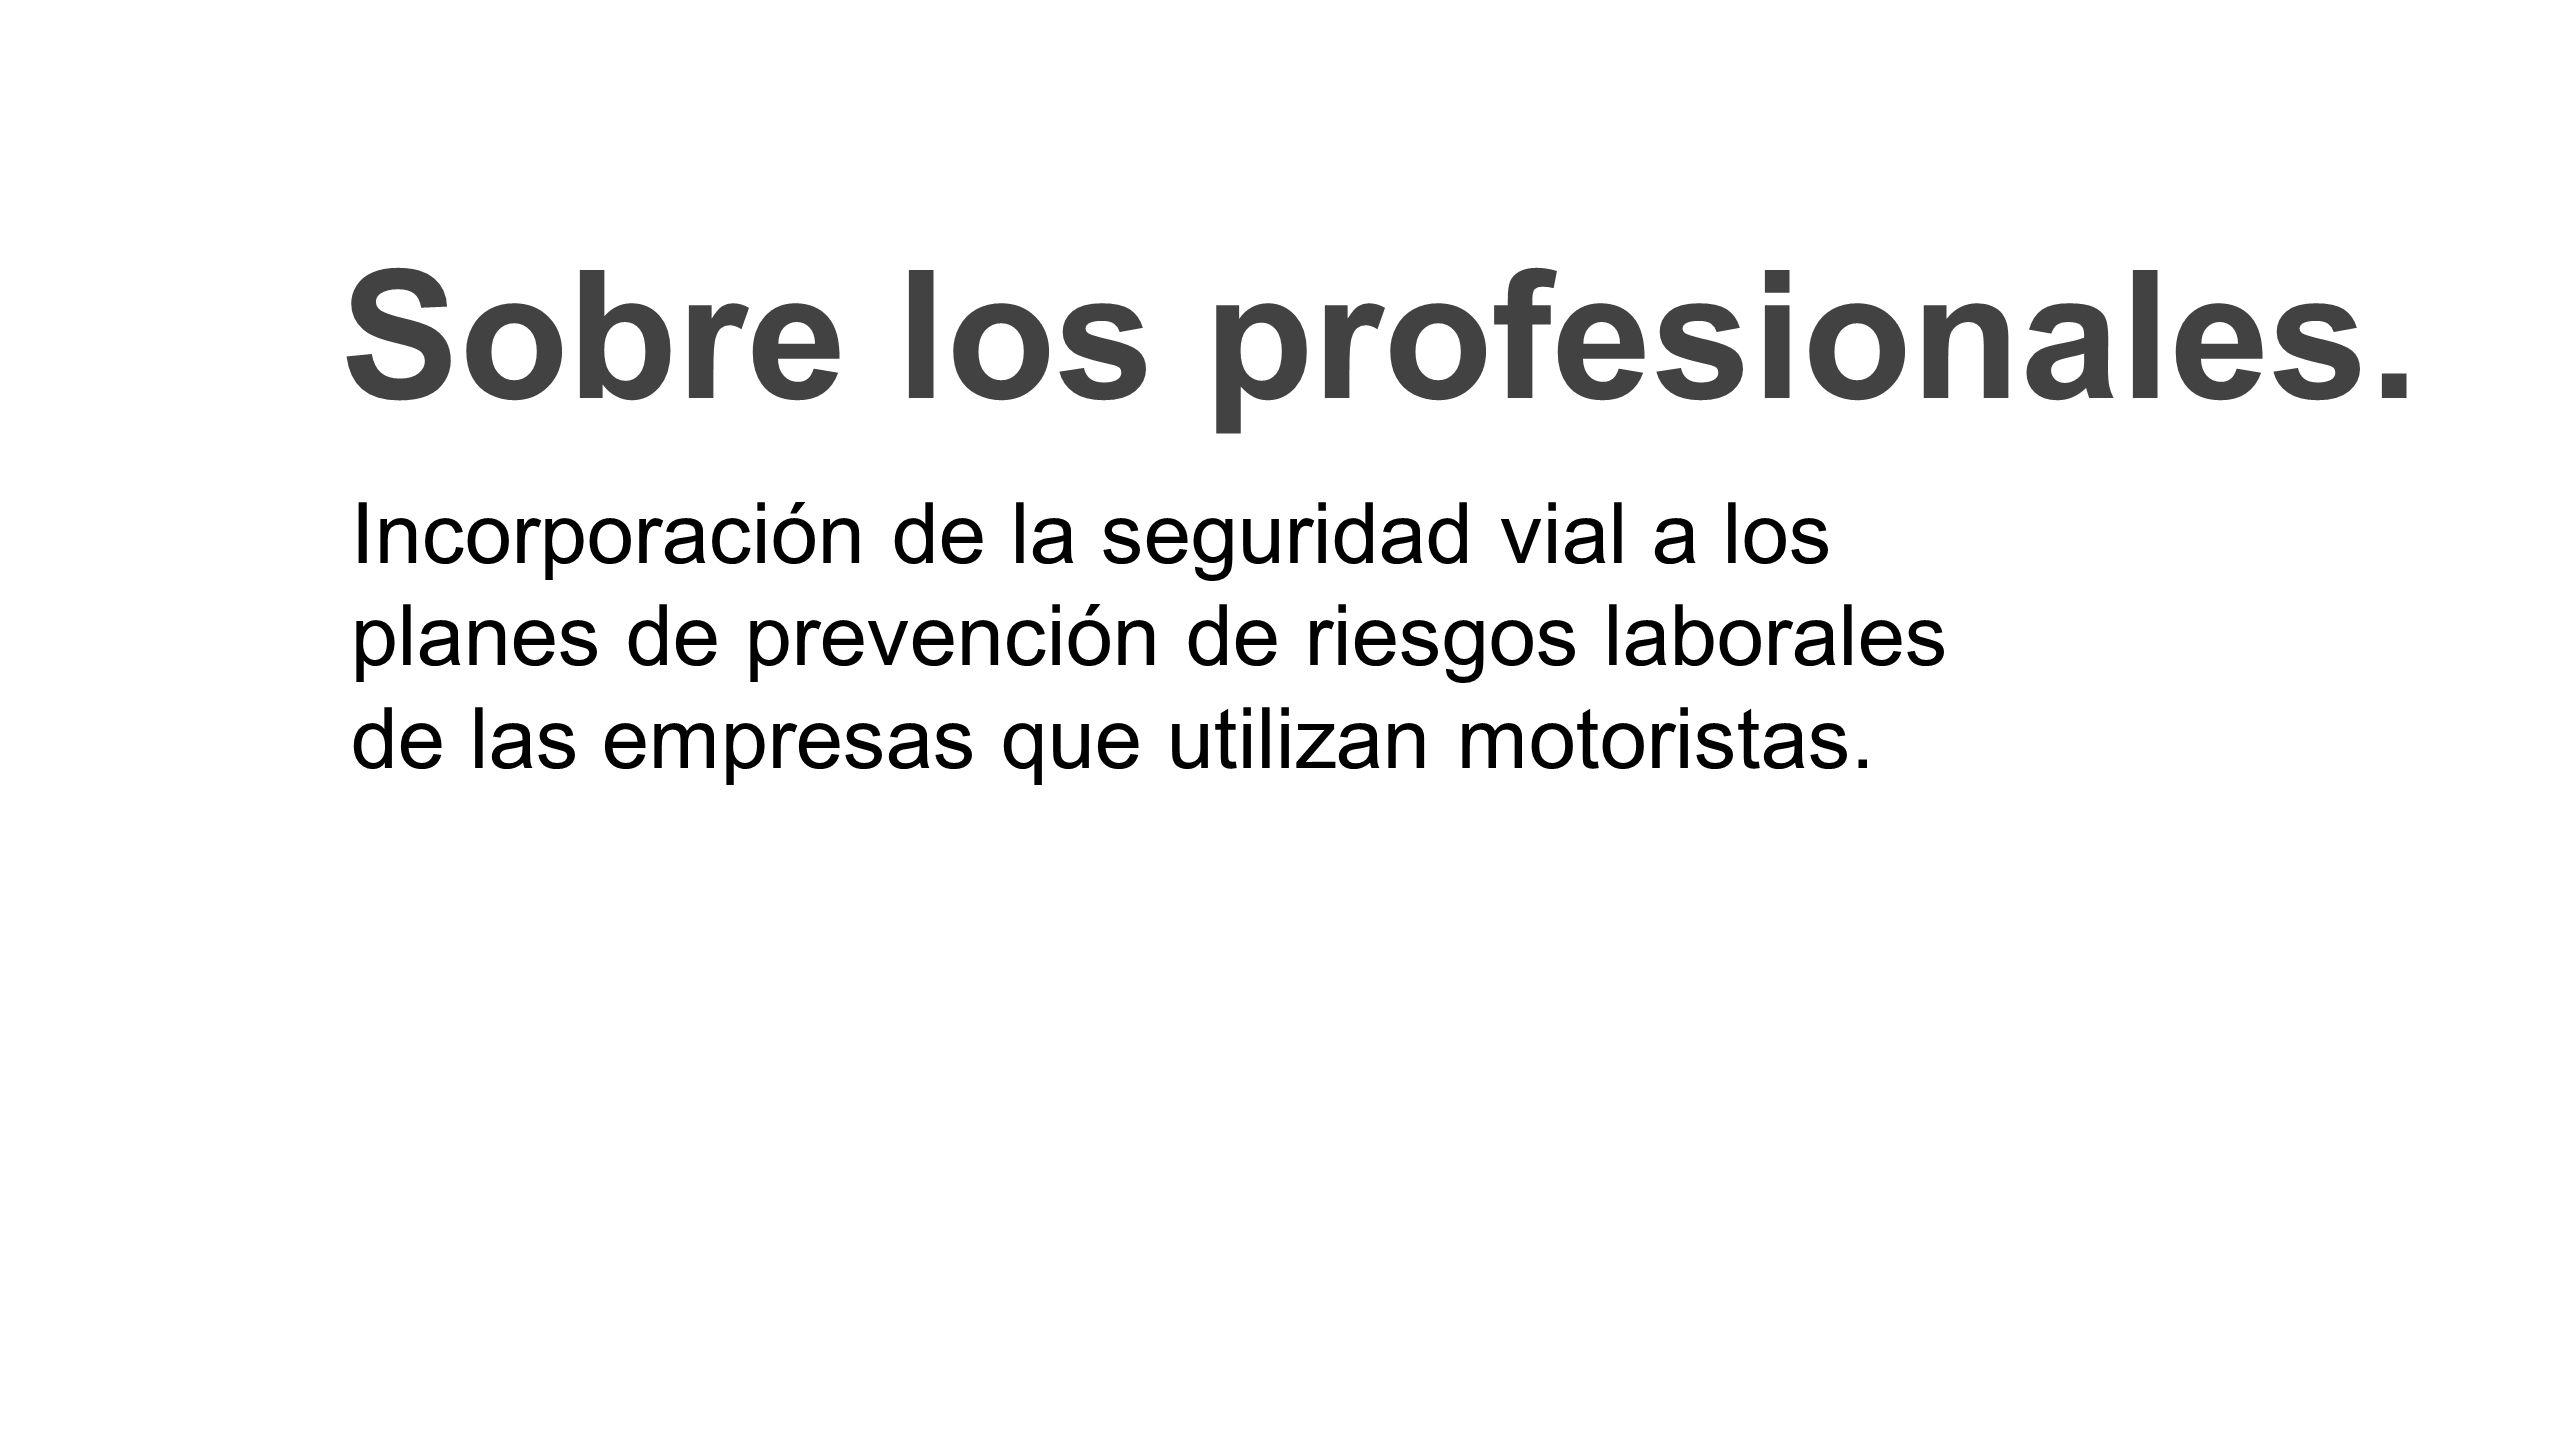 Sobre los profesionales. Incorporación de la seguridad vial a los planes de prevención de riesgos laborales de las empresas que utilizan motoristas.